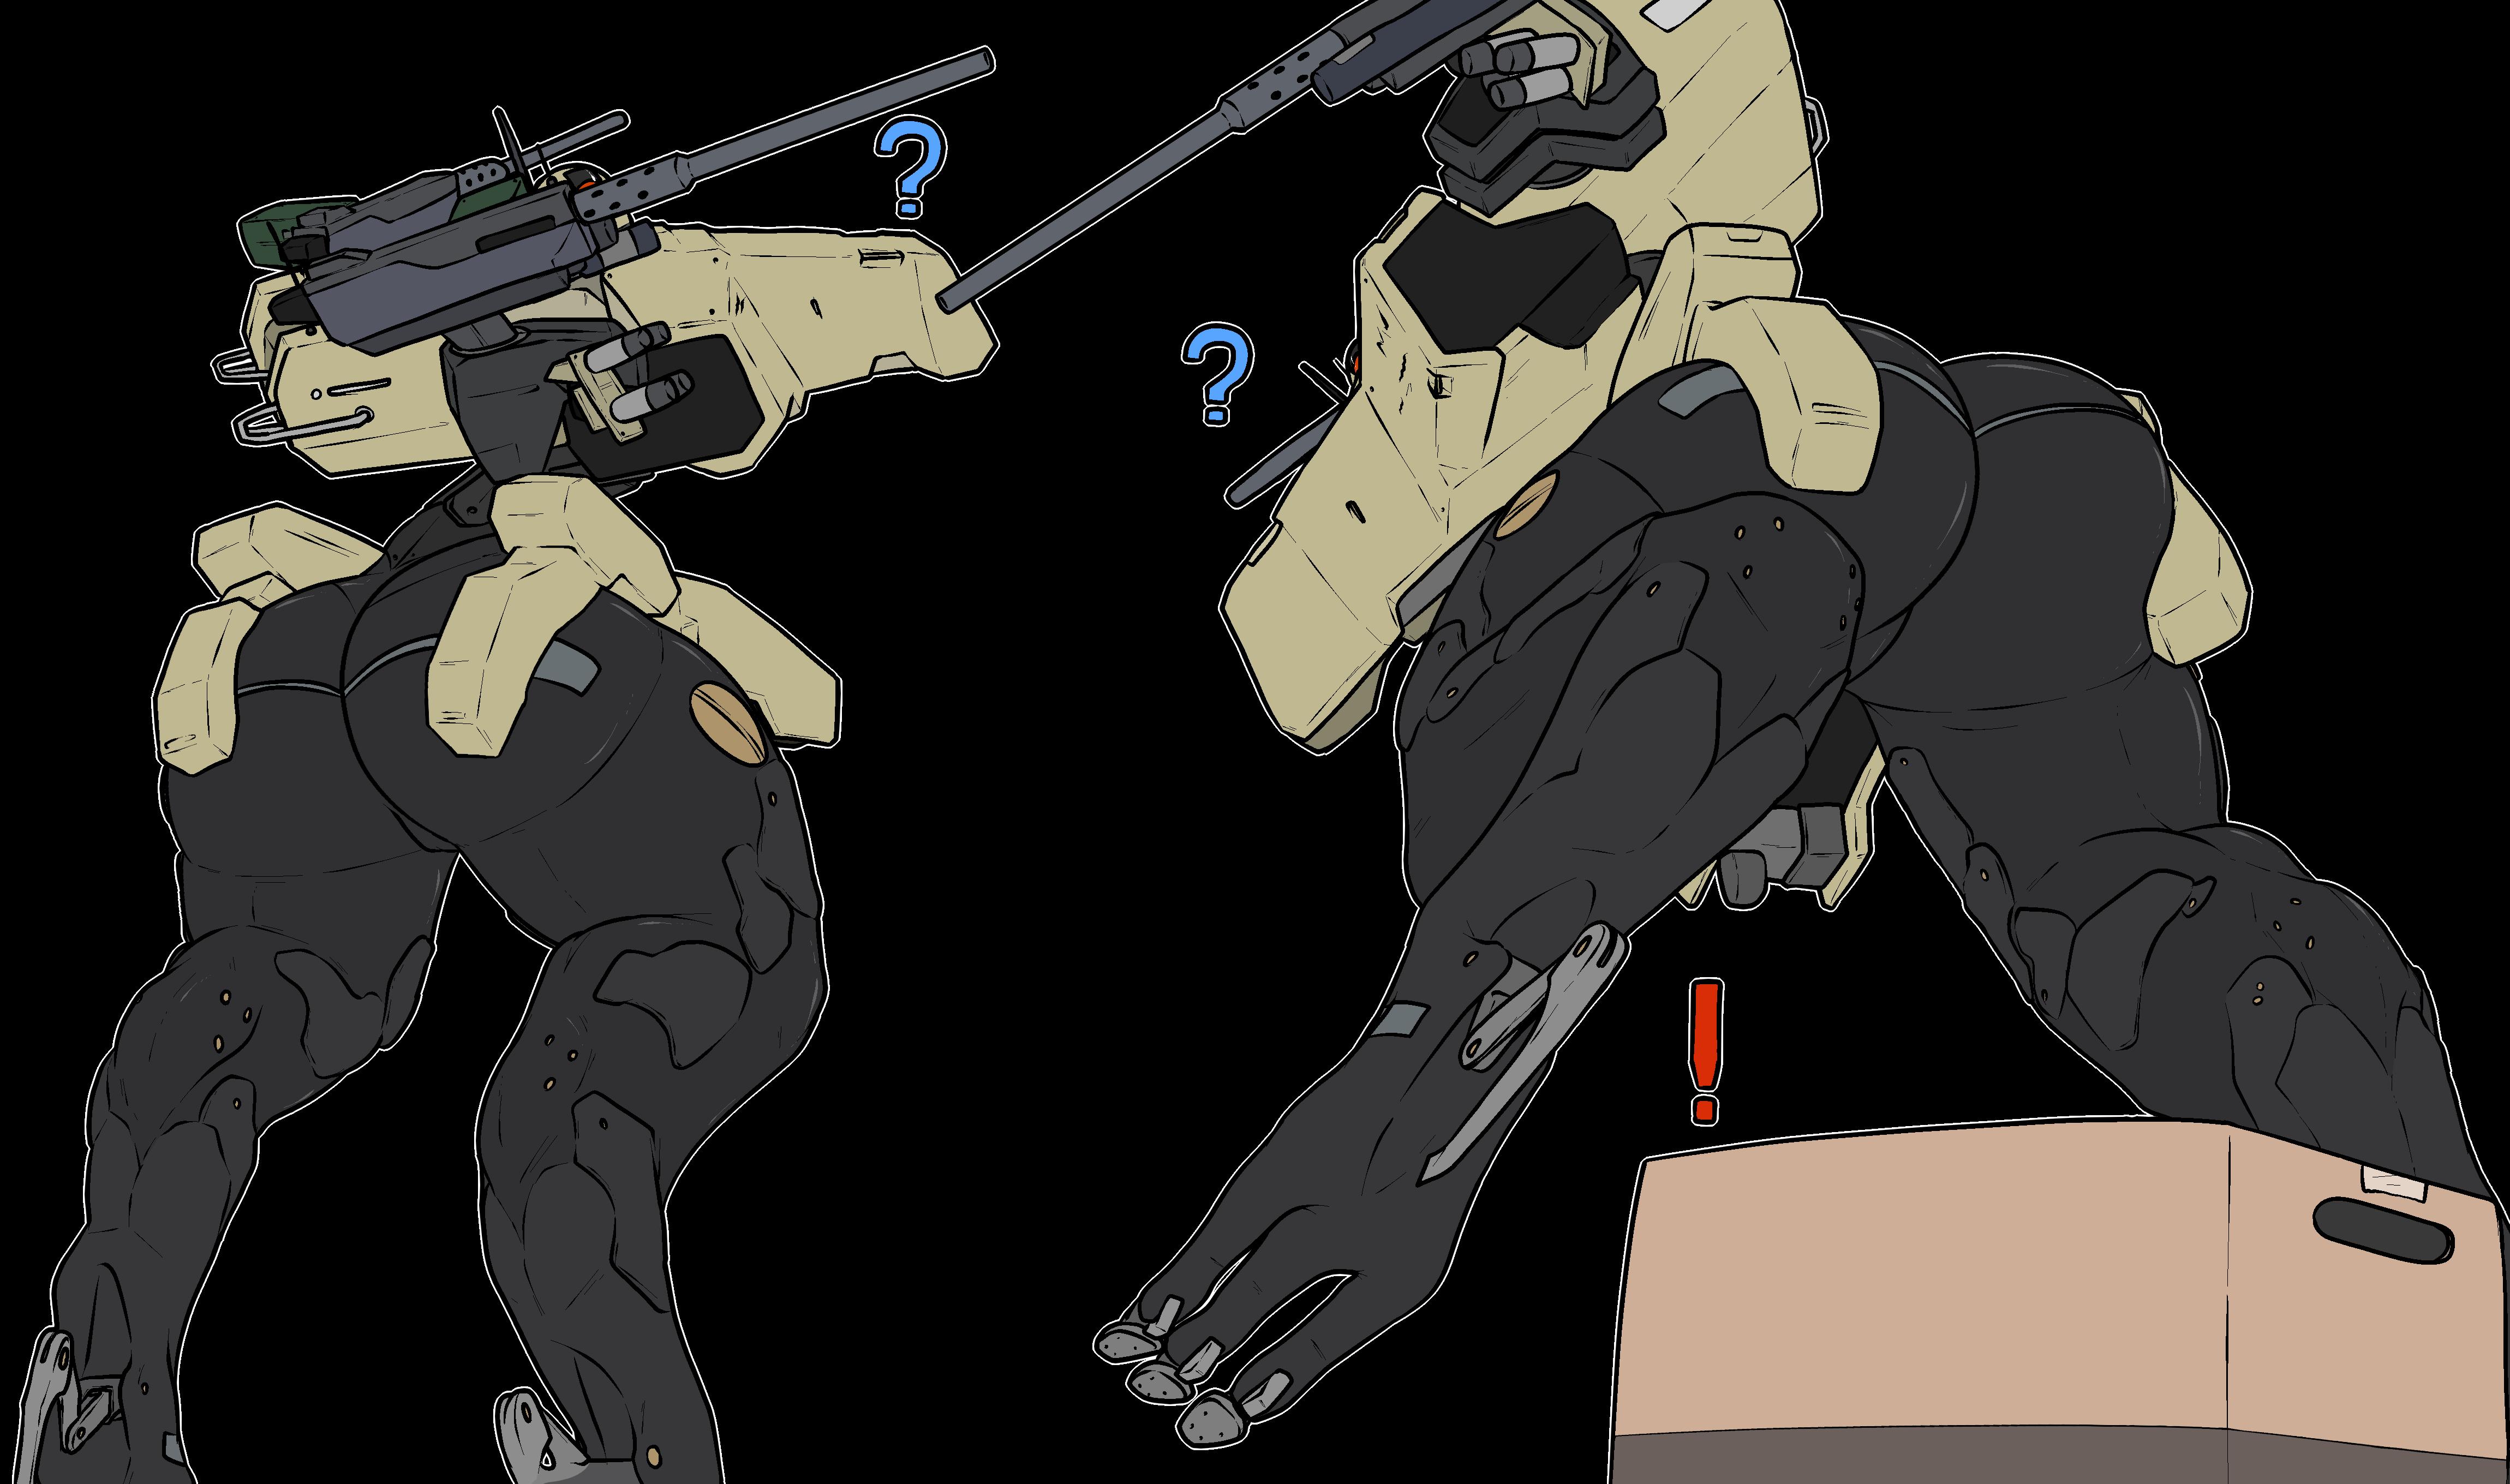 Metal Gear Solid: GEKKO by MethadosArt on Newgrounds